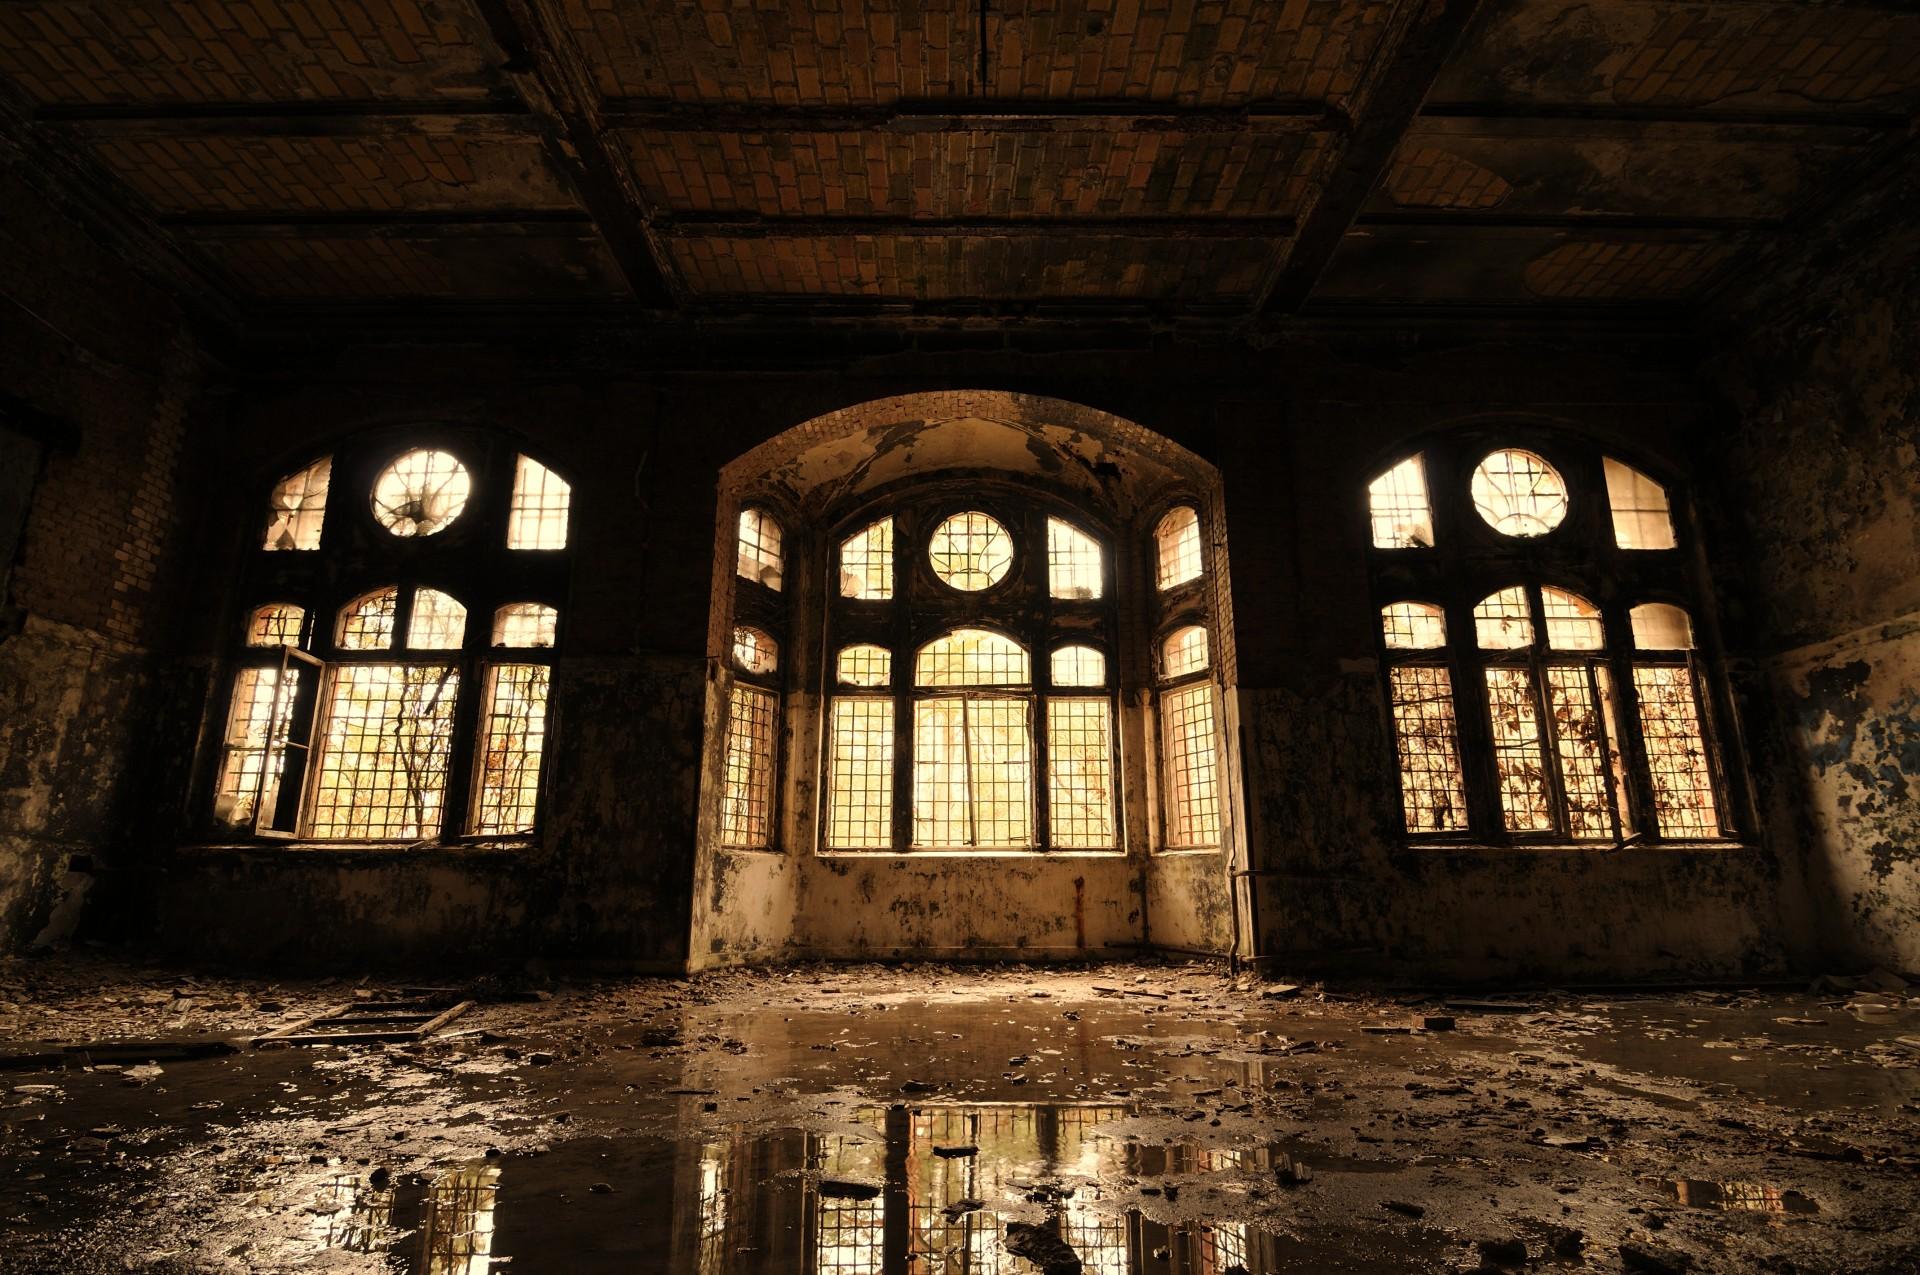 Beelitz Heilstätten (Germany) - Reflections